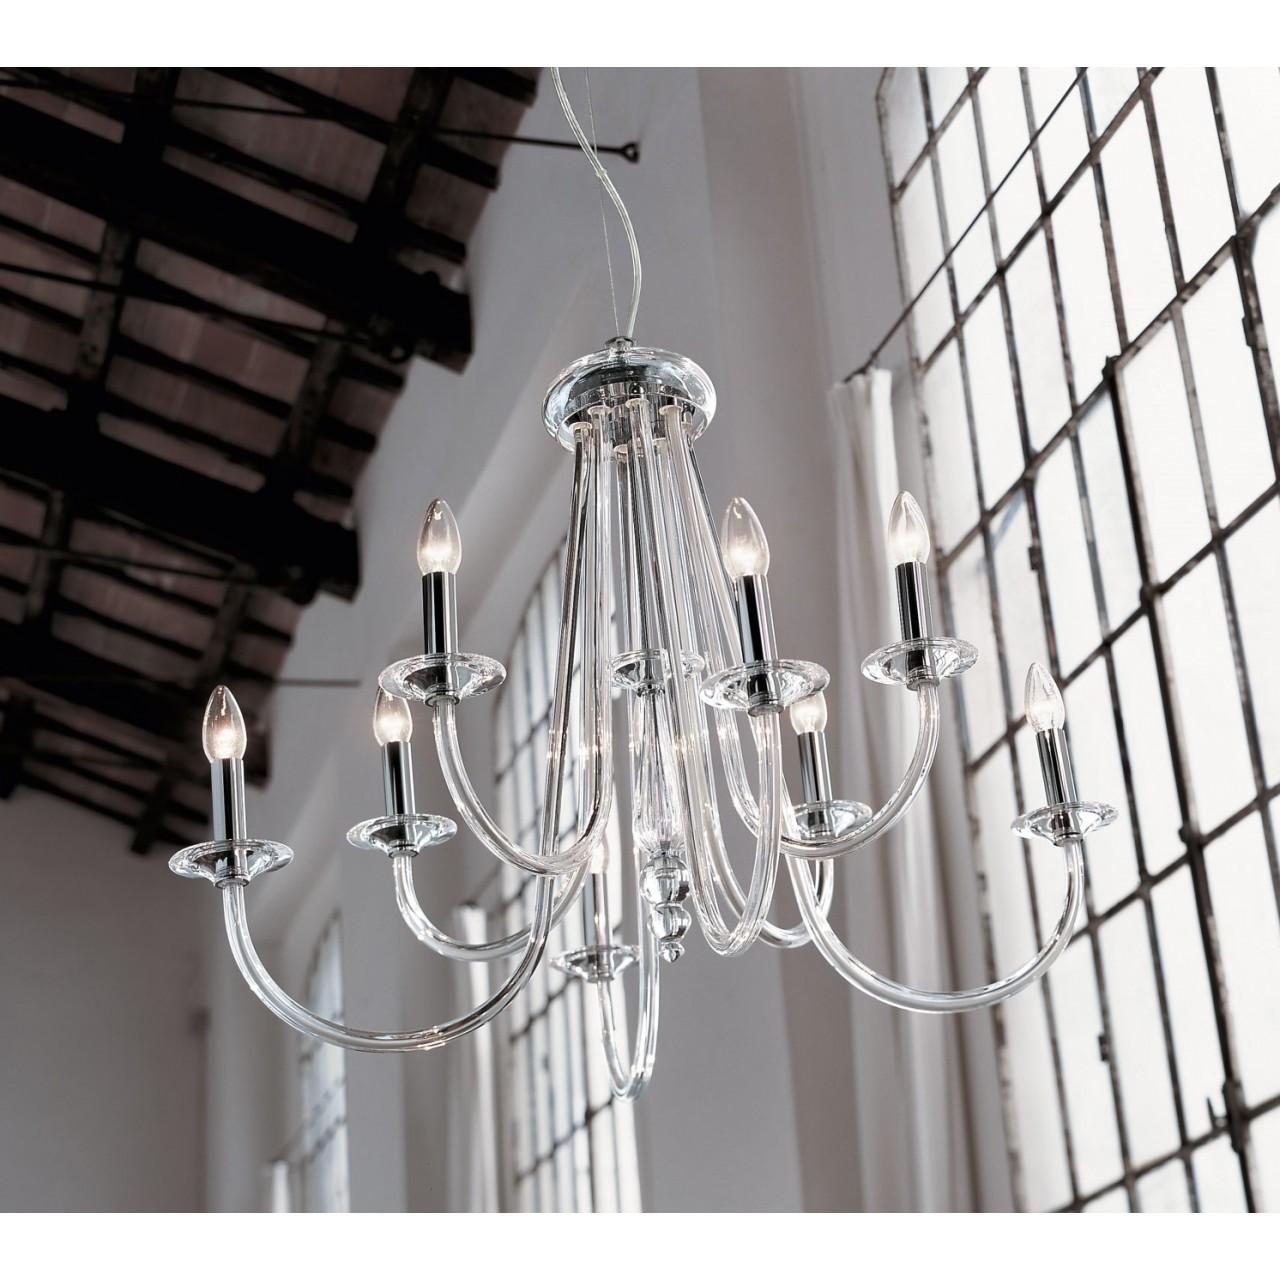 375 Hanging lamp